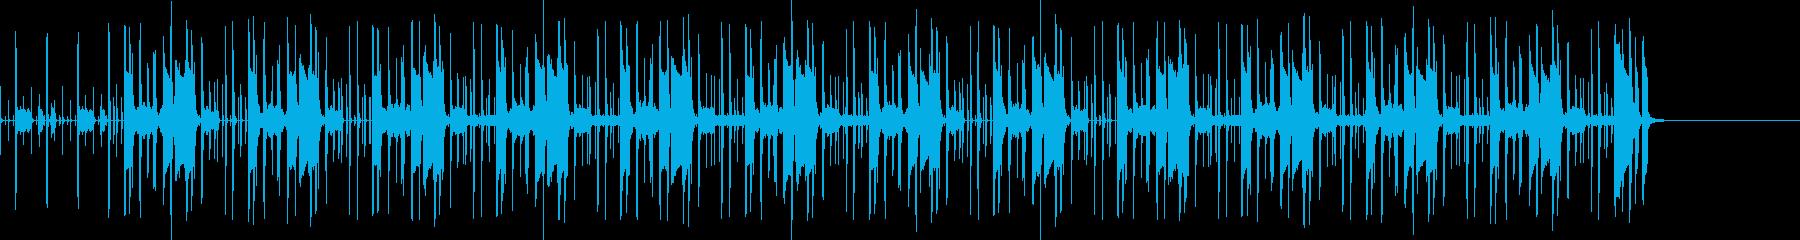 クイズ番組で考え中に流れるファンクの再生済みの波形